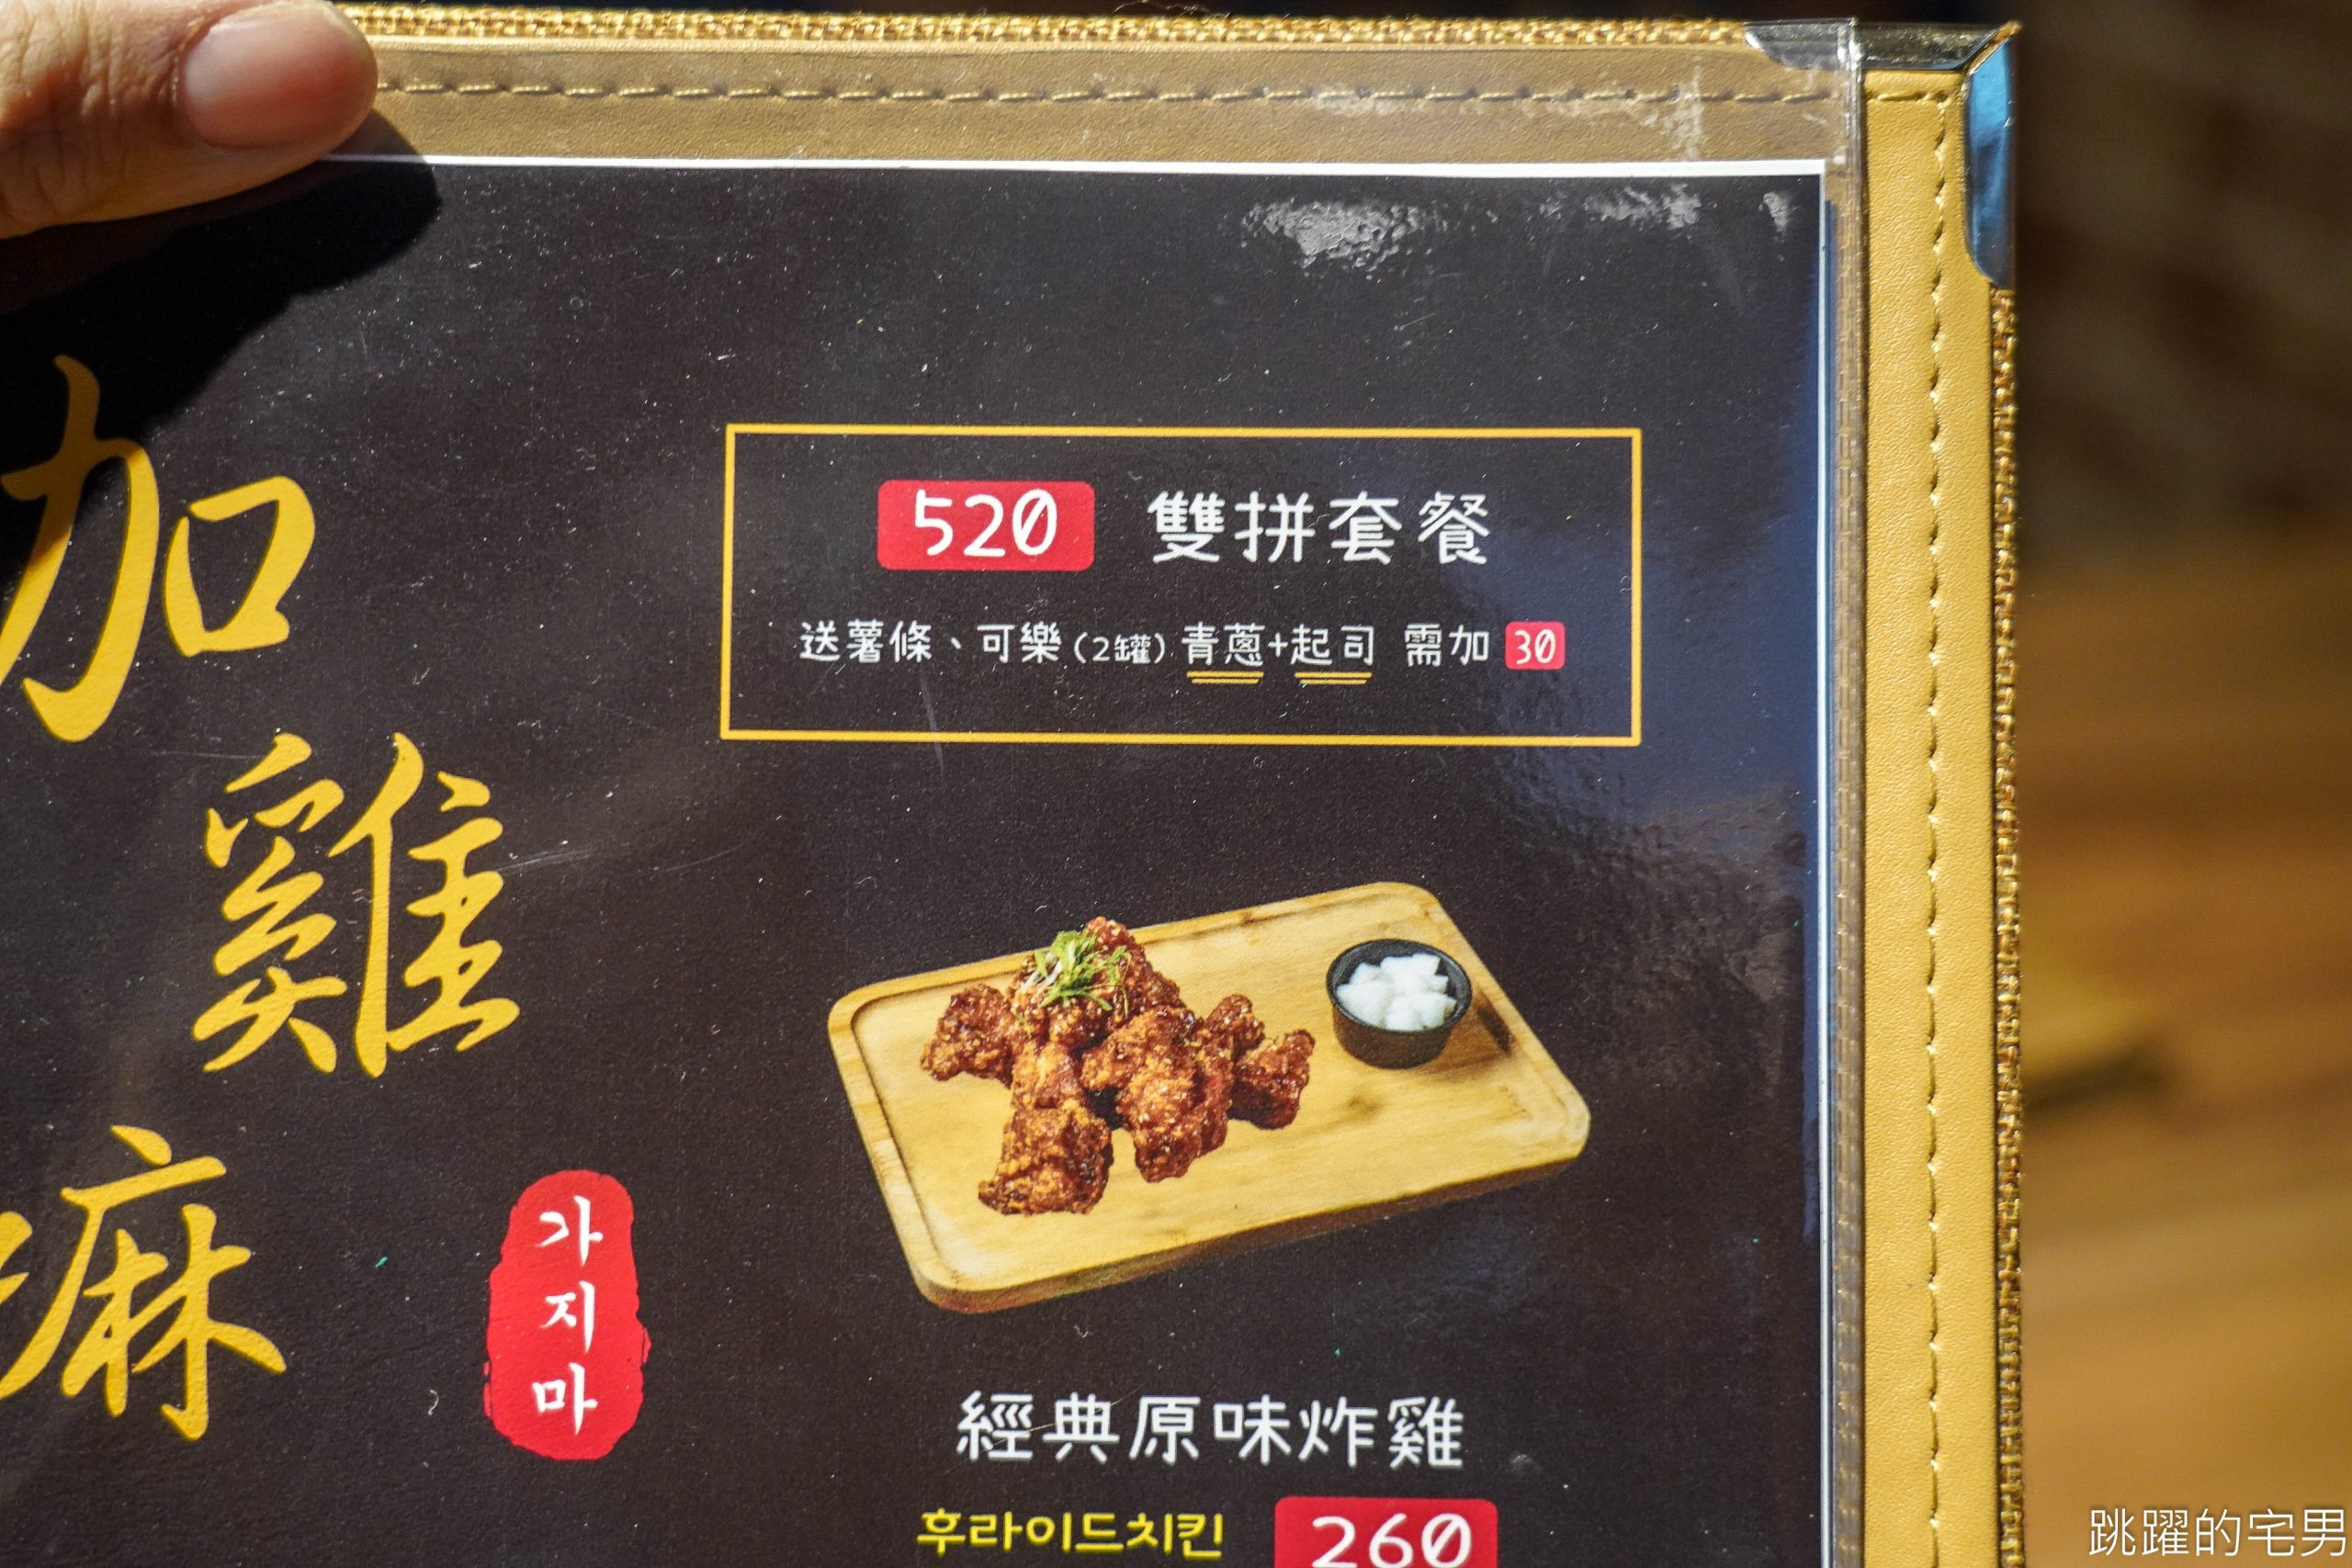 [花蓮美食]咖雞嘛韓國蓬車-這家花蓮韓式炸雞外皮酥脆真好吃 必點韓式蔥炸雞 韓國魚板 醃蘿蔔好吃到立刻外帶 假日開到凌晨1點  口味多樣雙拼還有優惠 花蓮韓式料理 花蓮宵夜